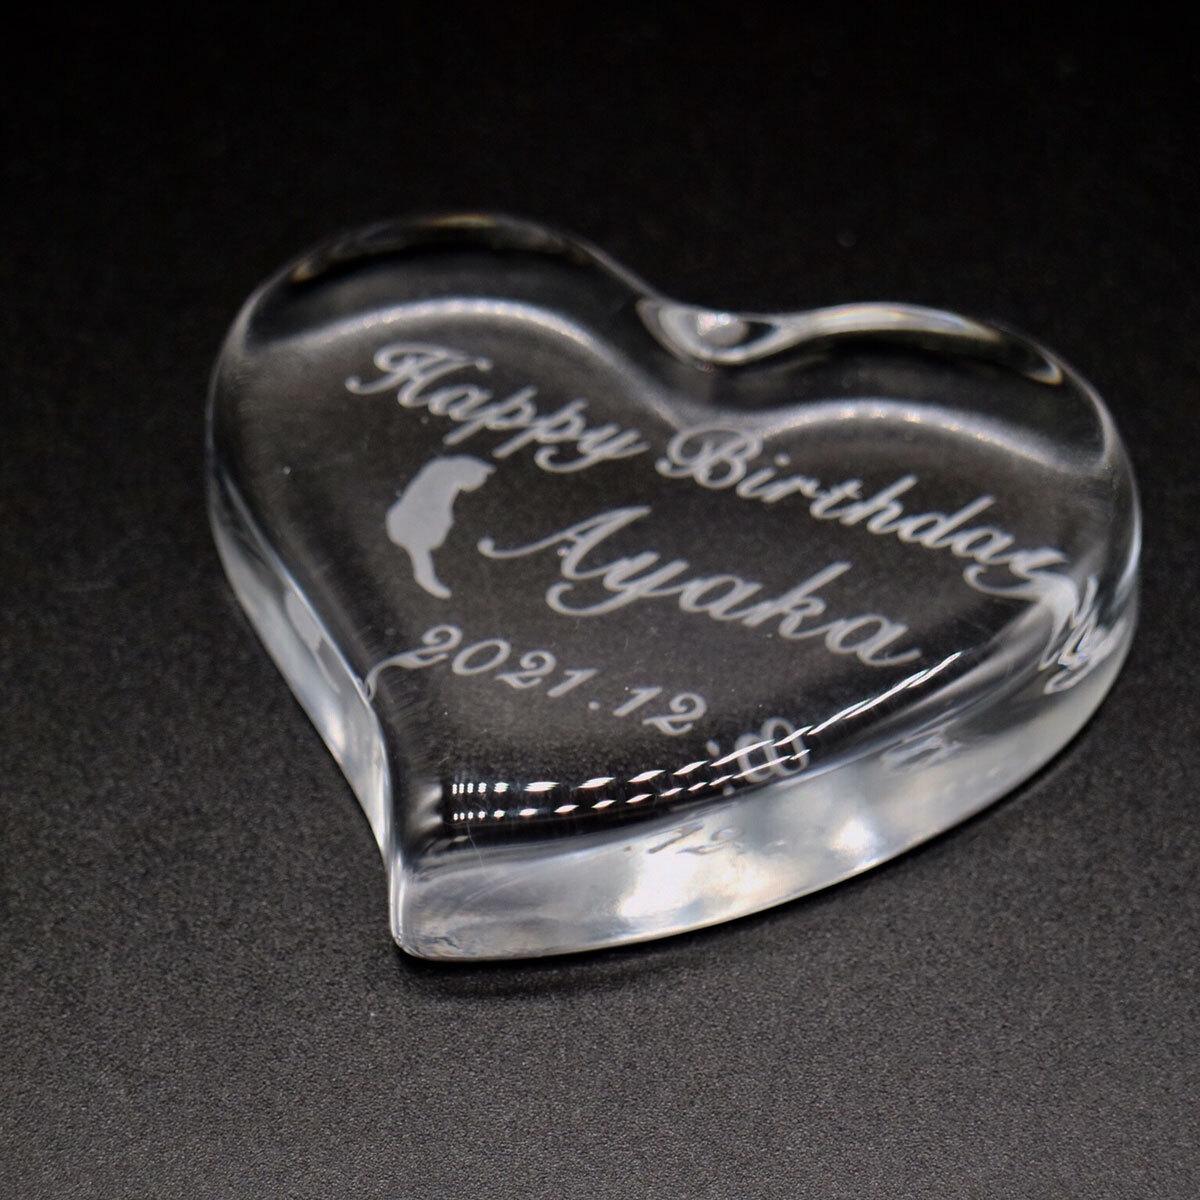 名入れ ペーパーウェイト ハート型  名前 メッセージ 名入れギフト 記念日 誕生日 名入れ プレゼント ガラス 文鎮  母の日 バレンタインデー 送料無料